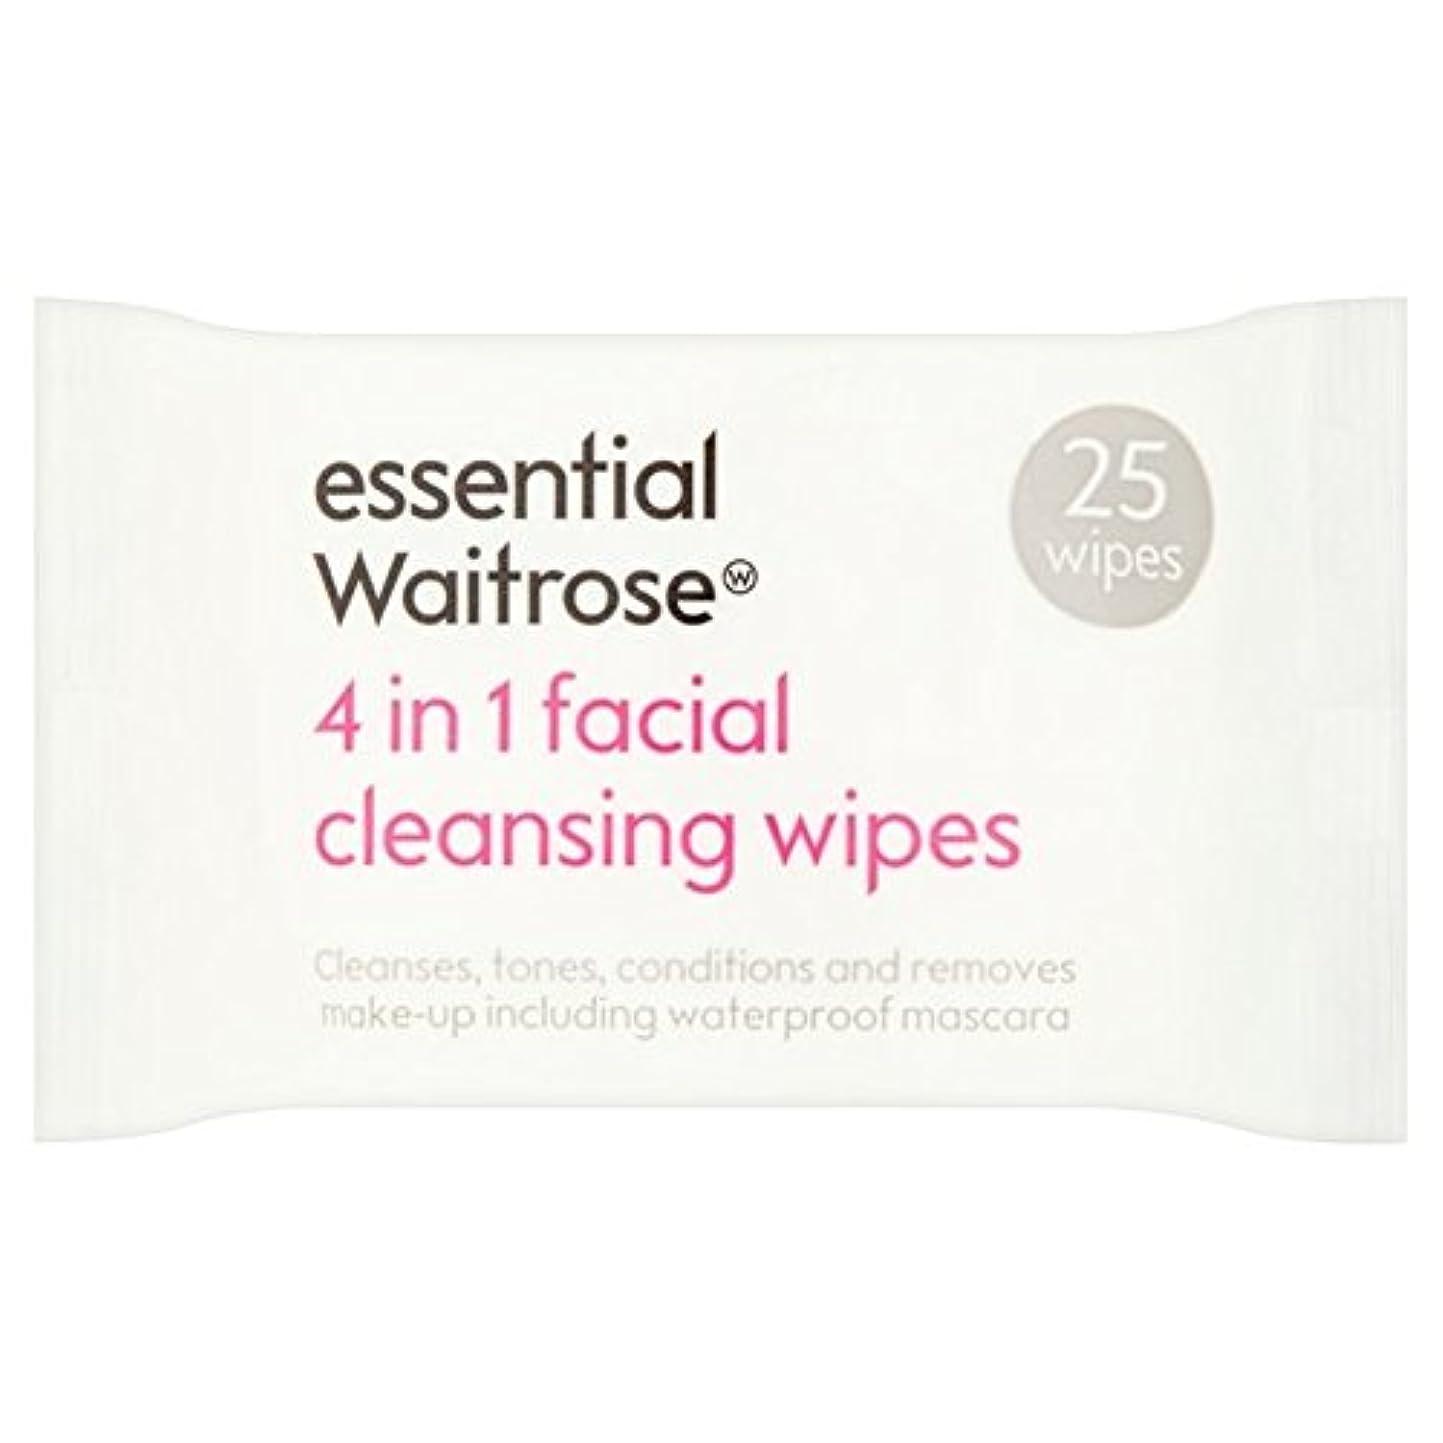 飽和する深遠酔った3 1での顔のワイプパックあたり不可欠ウェイトローズ25 x4-3 in 1 Facial Wipes essential Waitrose 25 per pack (Pack of 4) [並行輸入品]